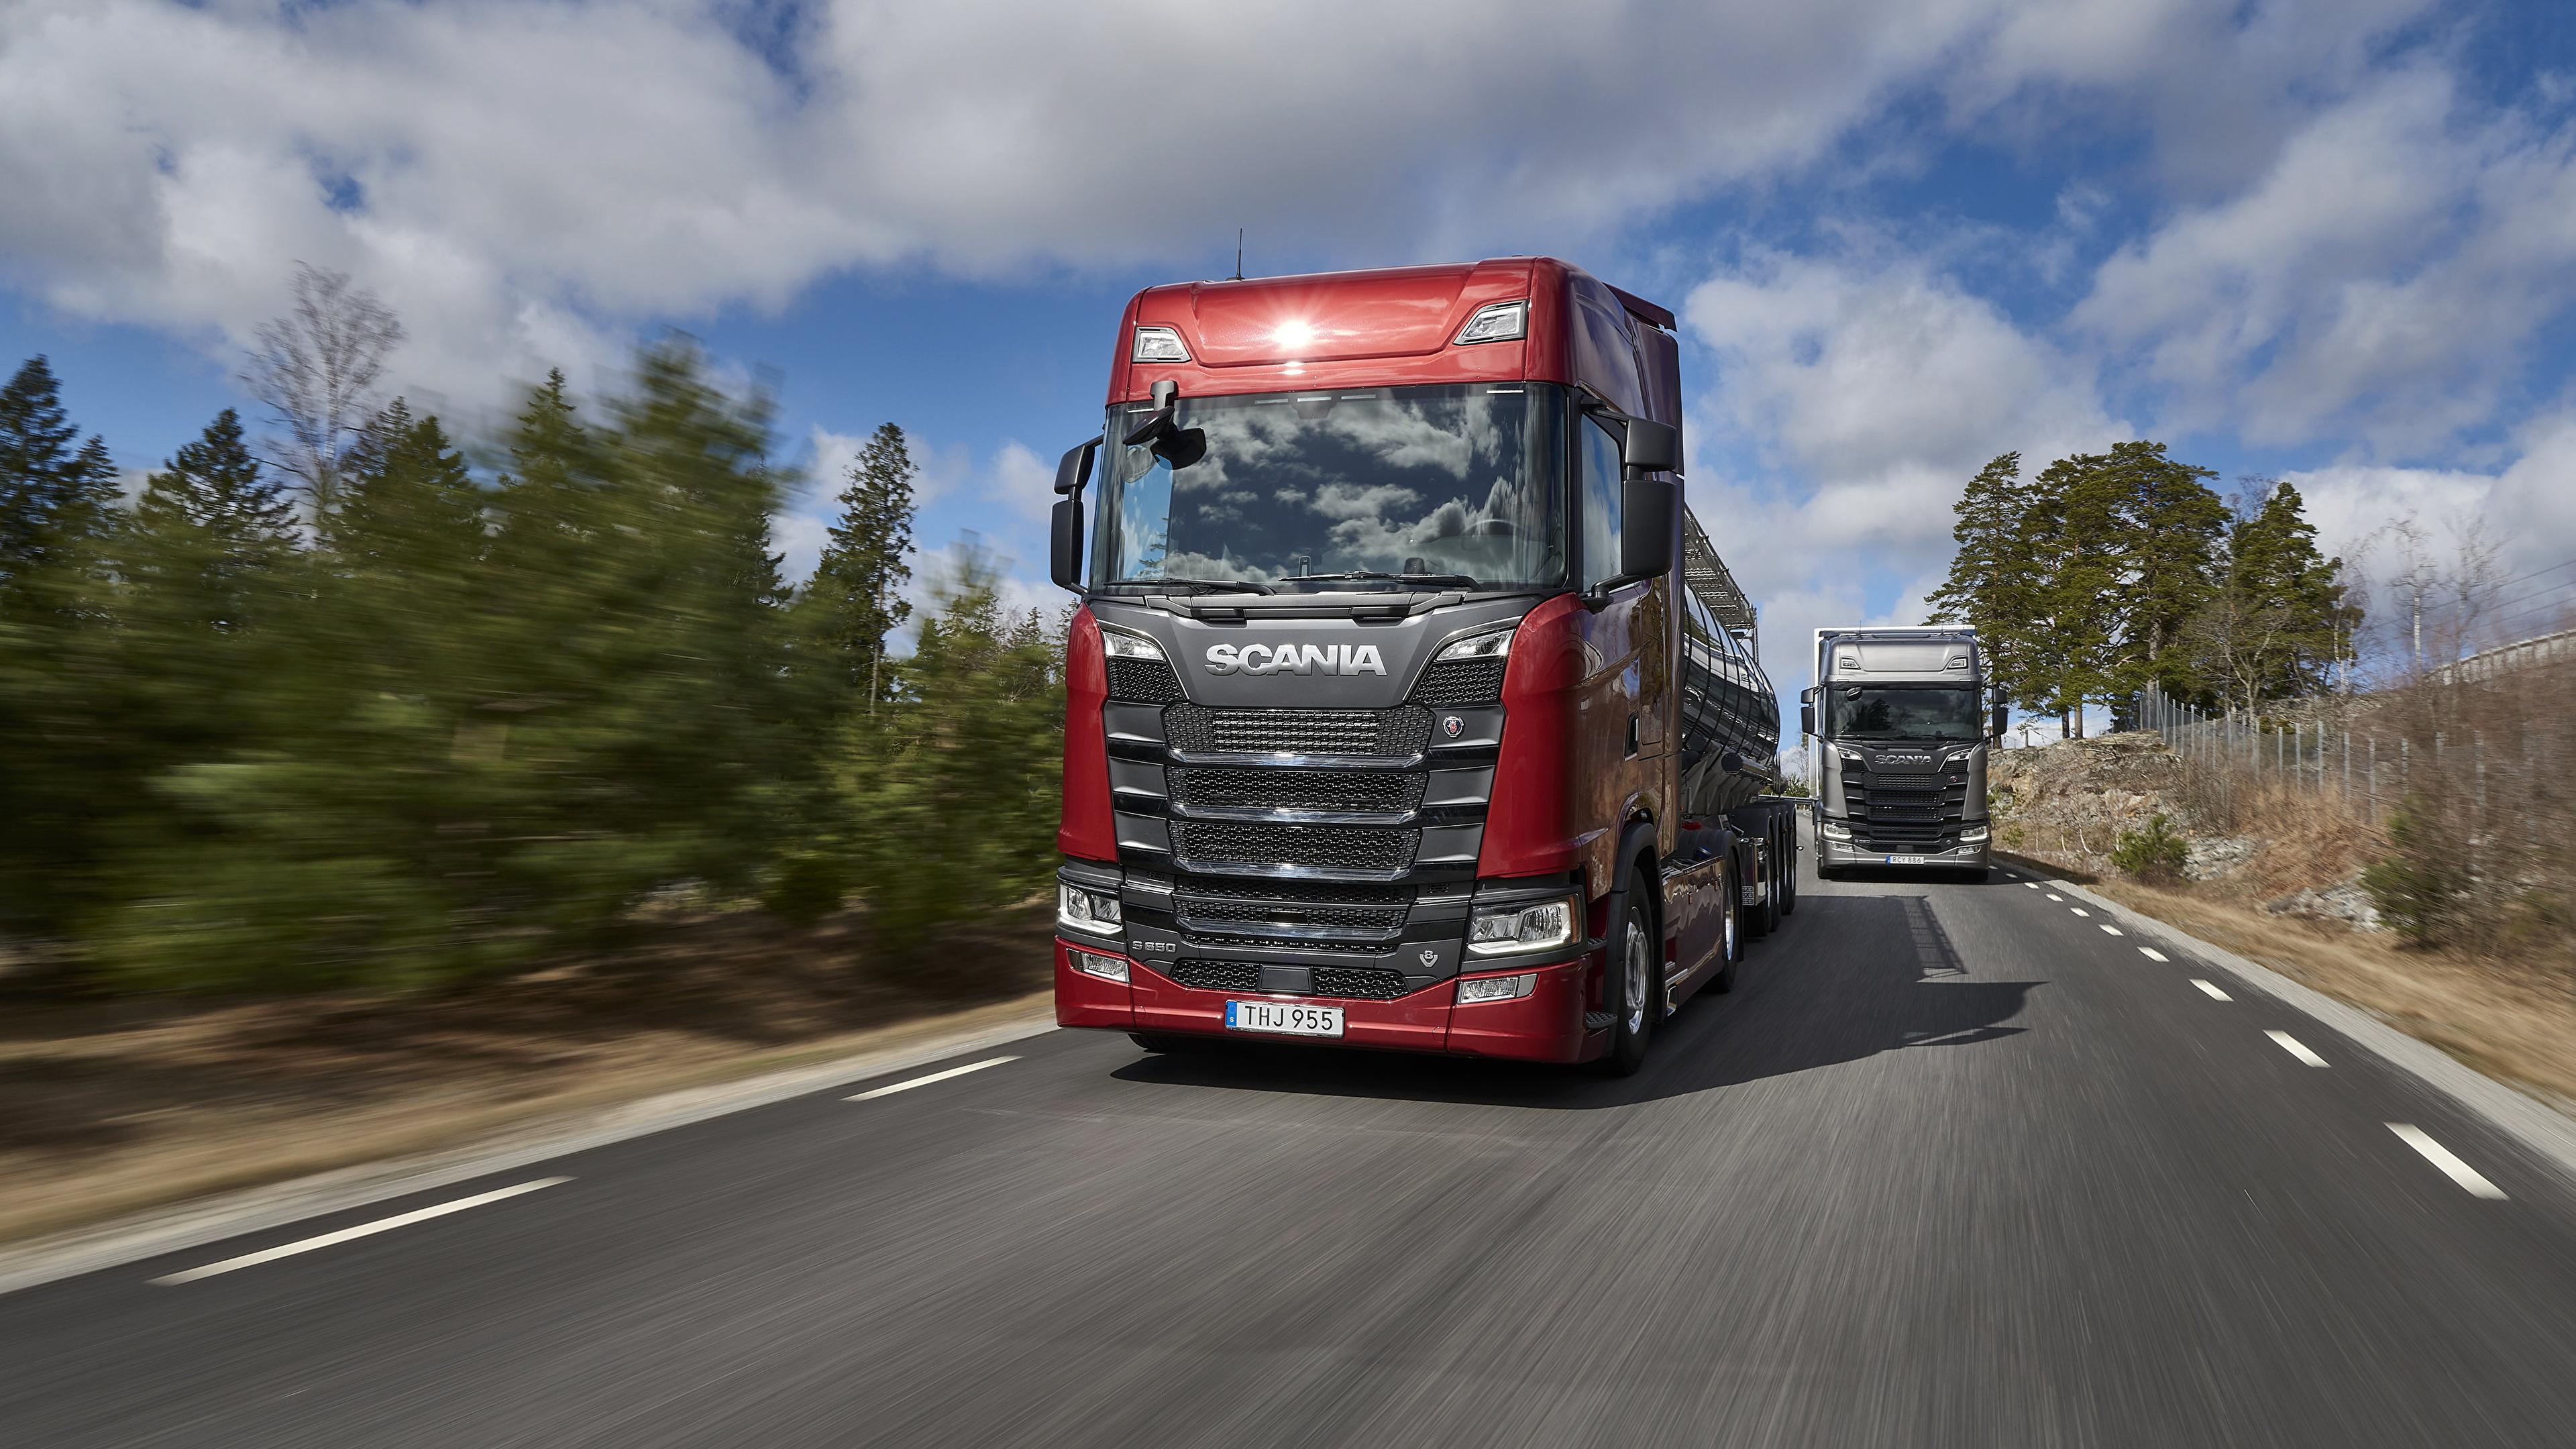 Fondos De Pantalla 3840x2160 Scania Camion S 650 Rojo